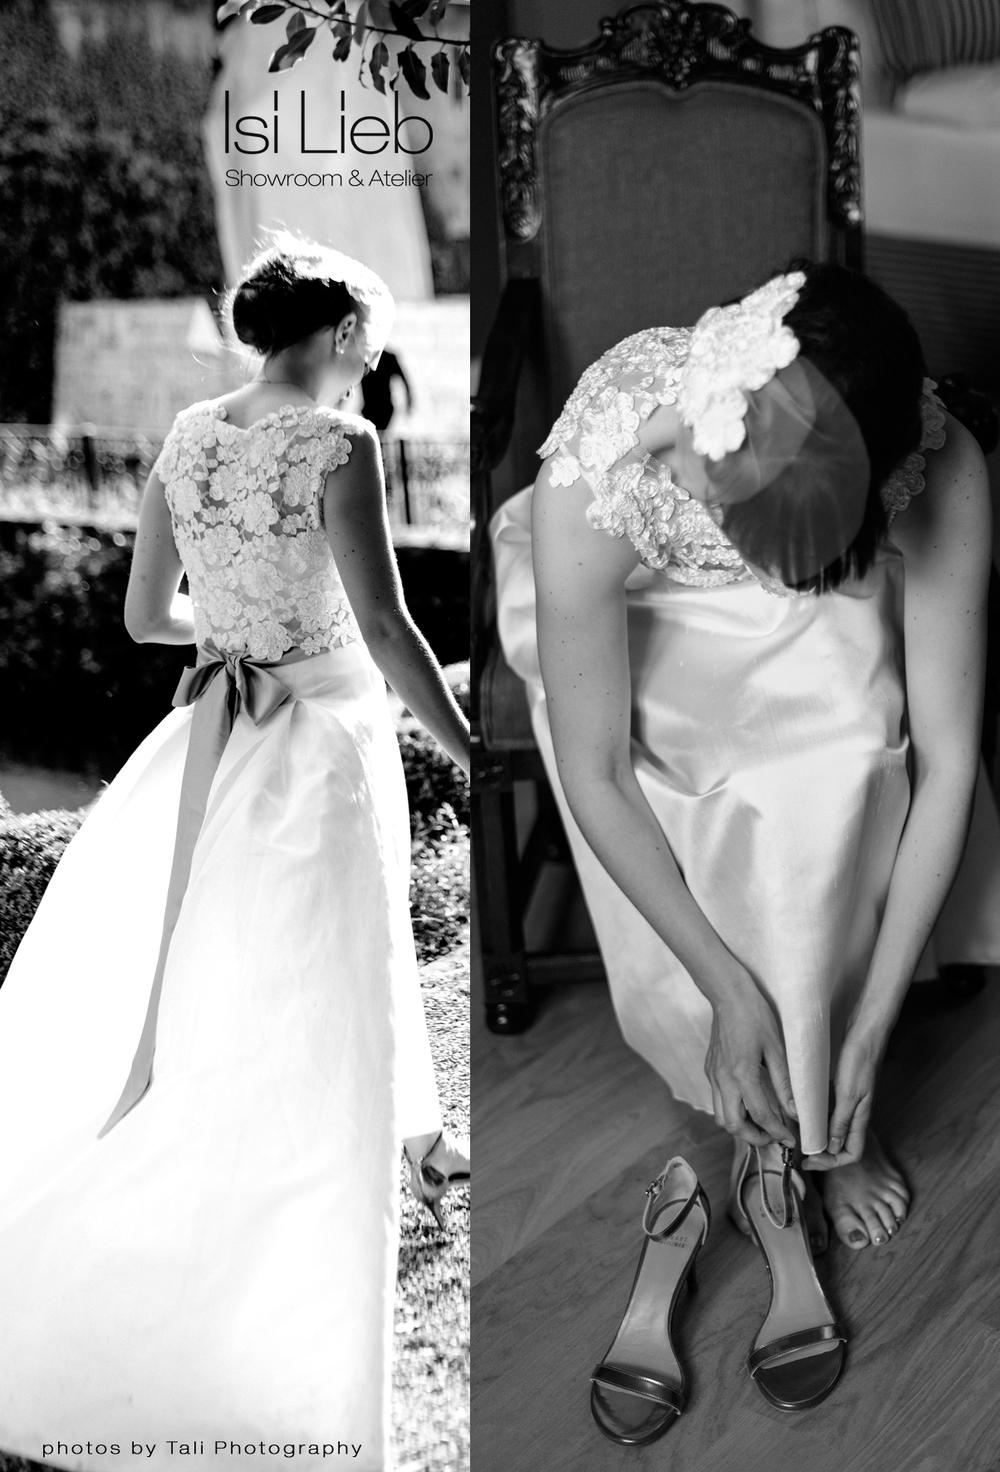 Eine wunderbare Braut trägt unser Èlise Outfit - der Rock entfaltet sich während der Bewegung immer anders! Dadurch gibt es eine tolle Dynamik auf den Photos.  Photos by taliphotography